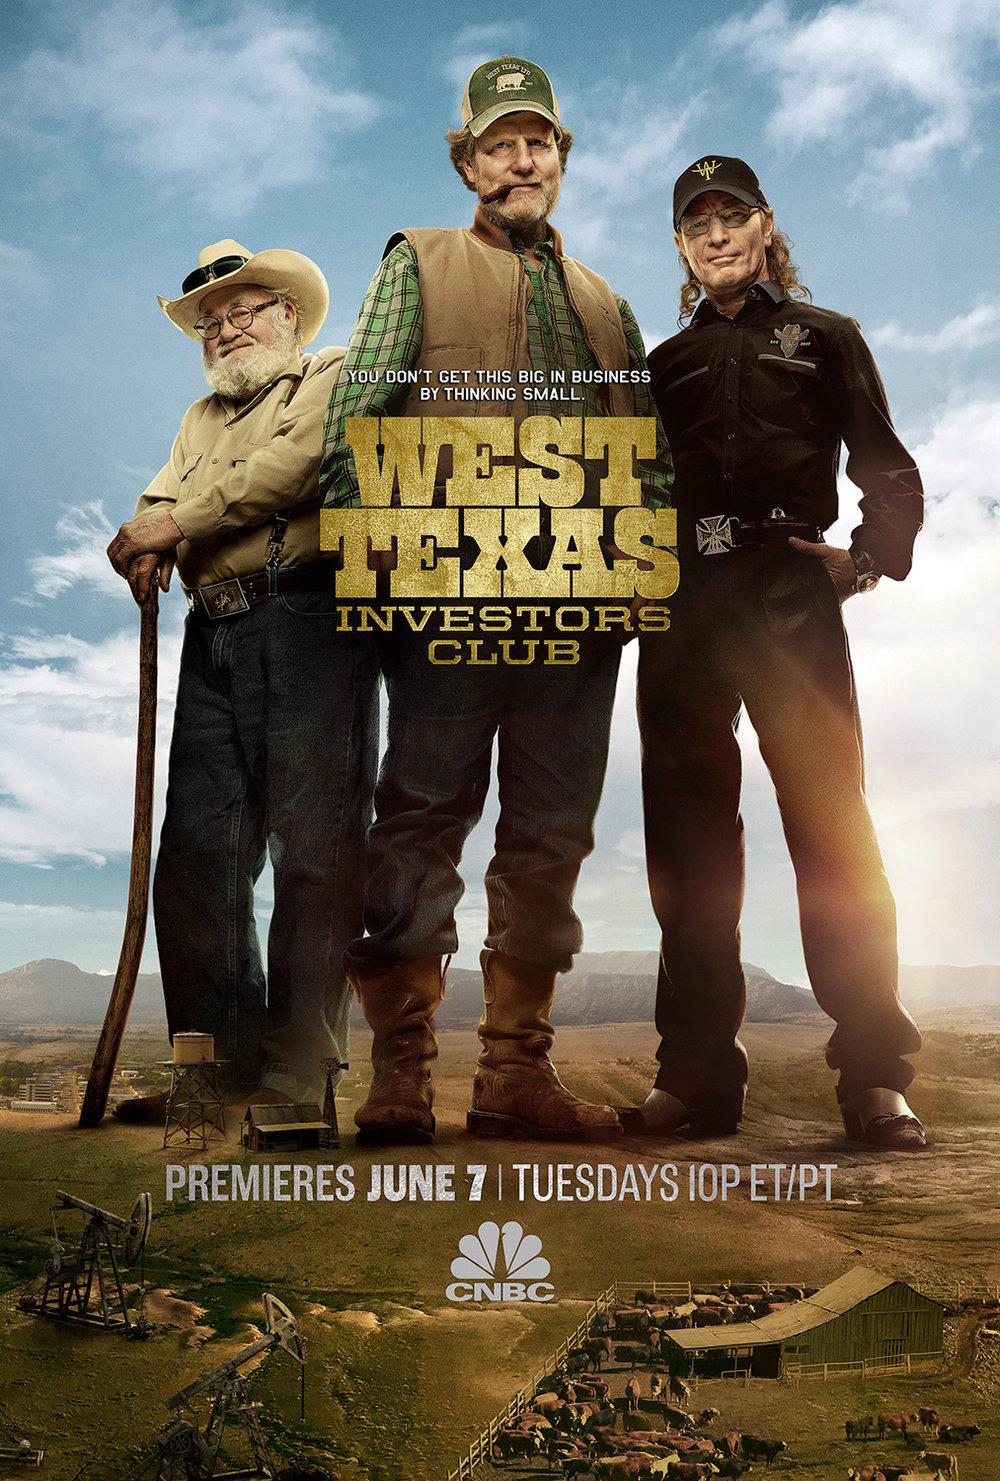 WestTexasInvestors_Gil_Butch_Rooster_keyart.jpg